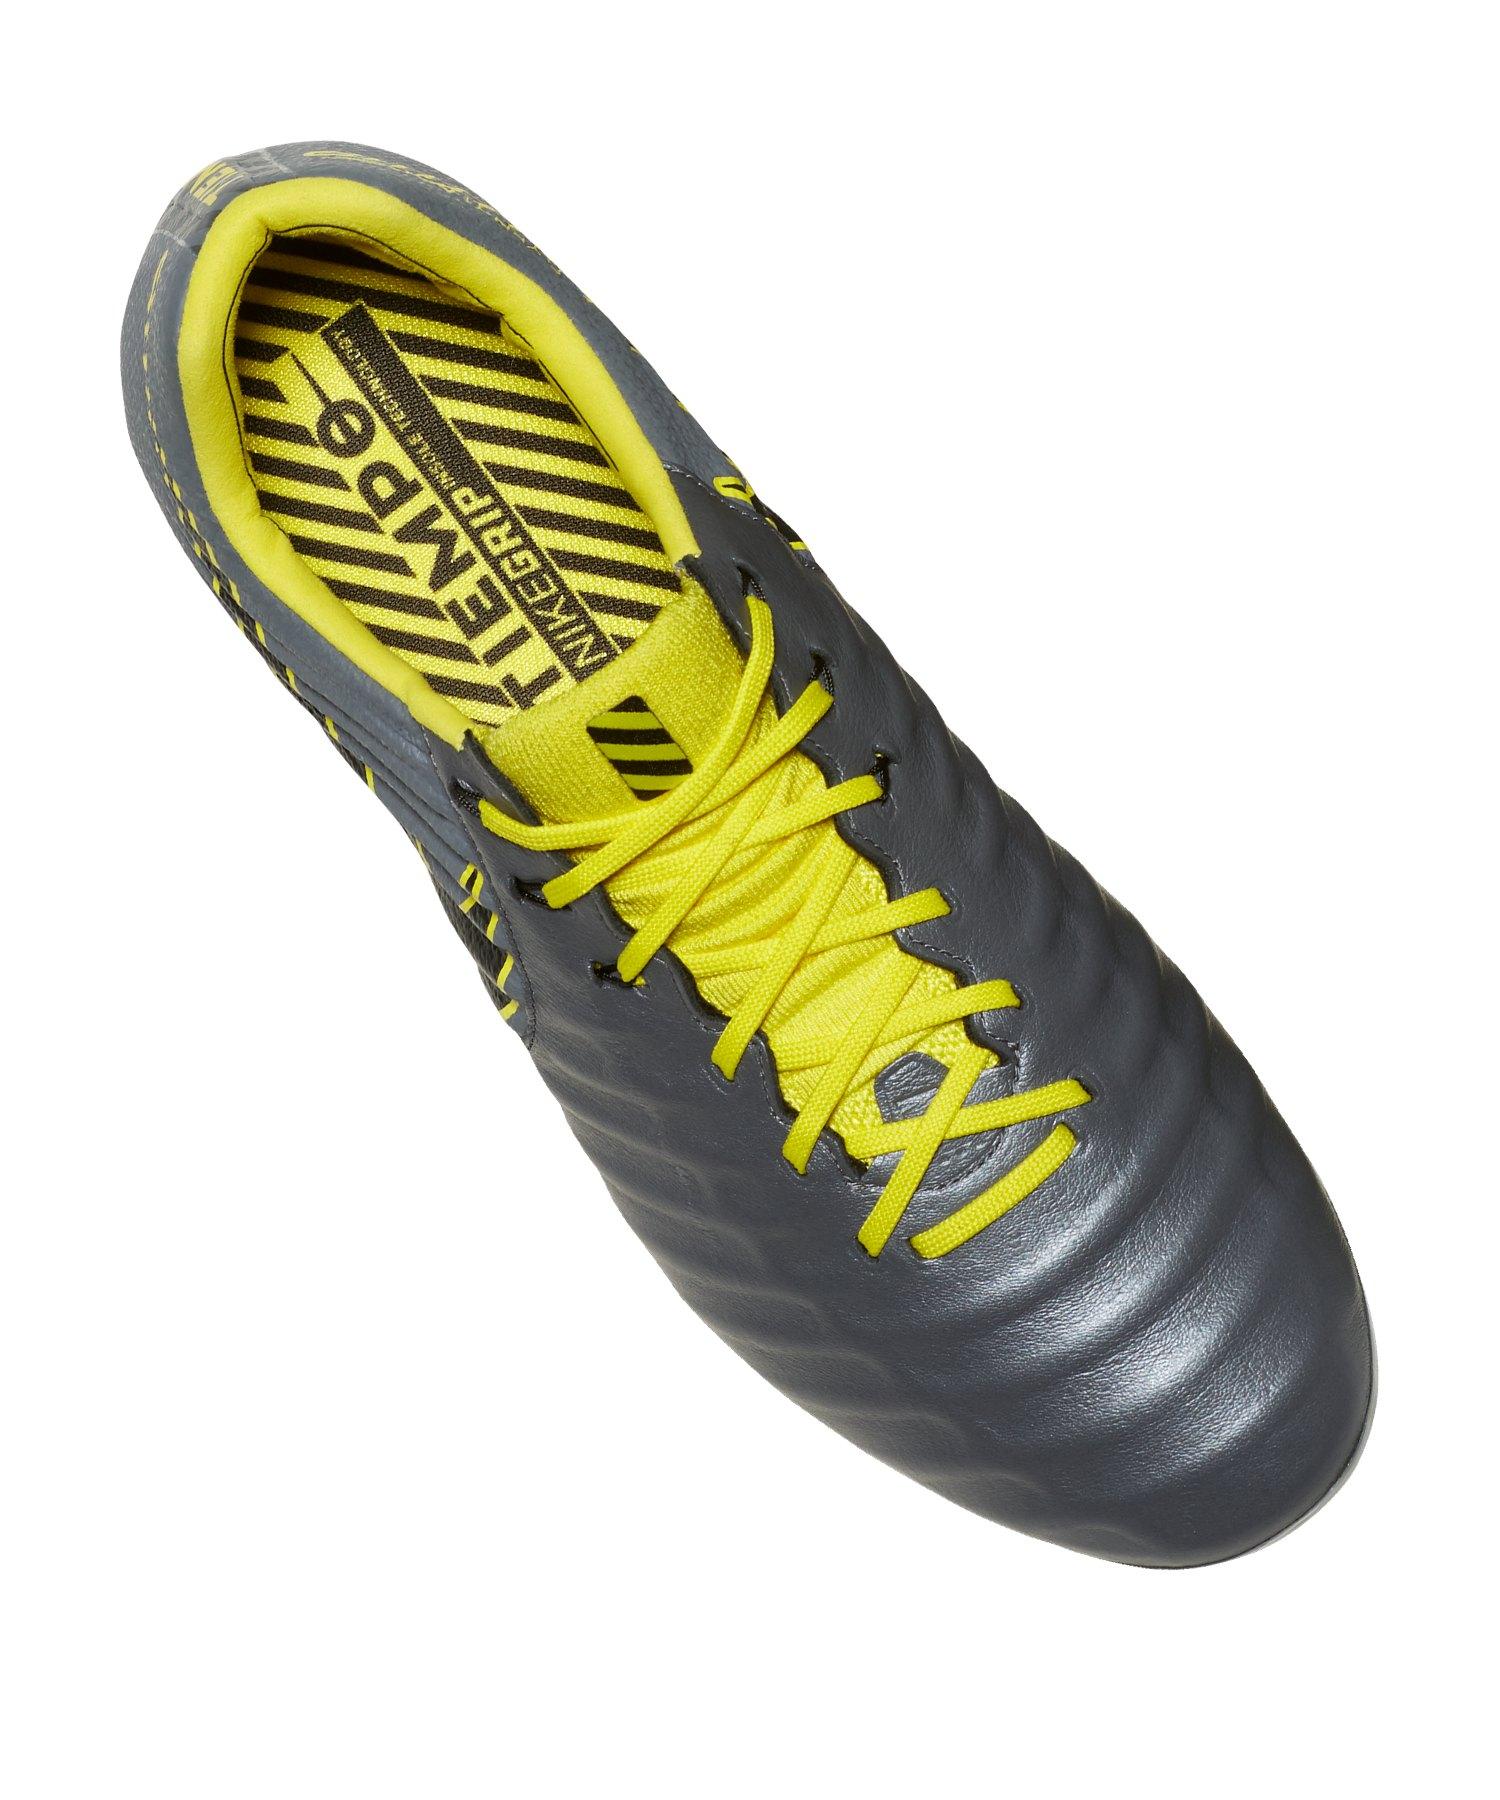 ed563fdda39 ... Nike Tiempo Legend VII Elite AG-Pro Grau F070 - grau ...